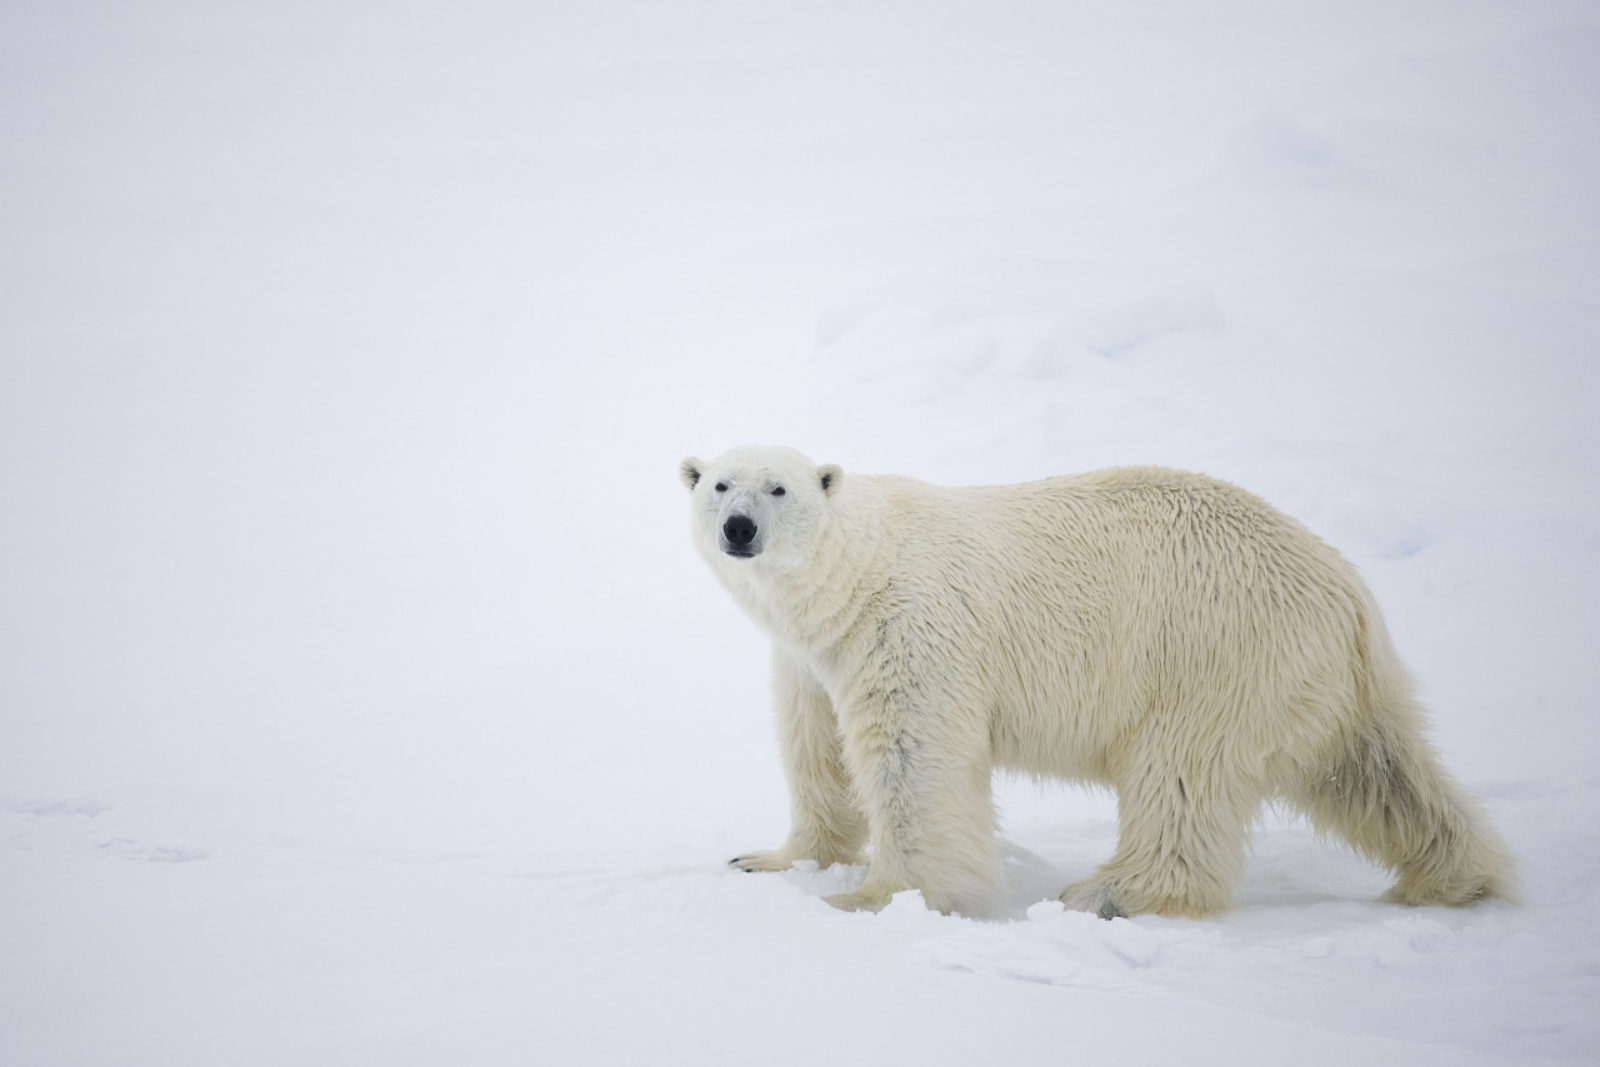 En stor, hvit isbjørn på vandring har stoppet opp et øyeblikk for å se på fotografen